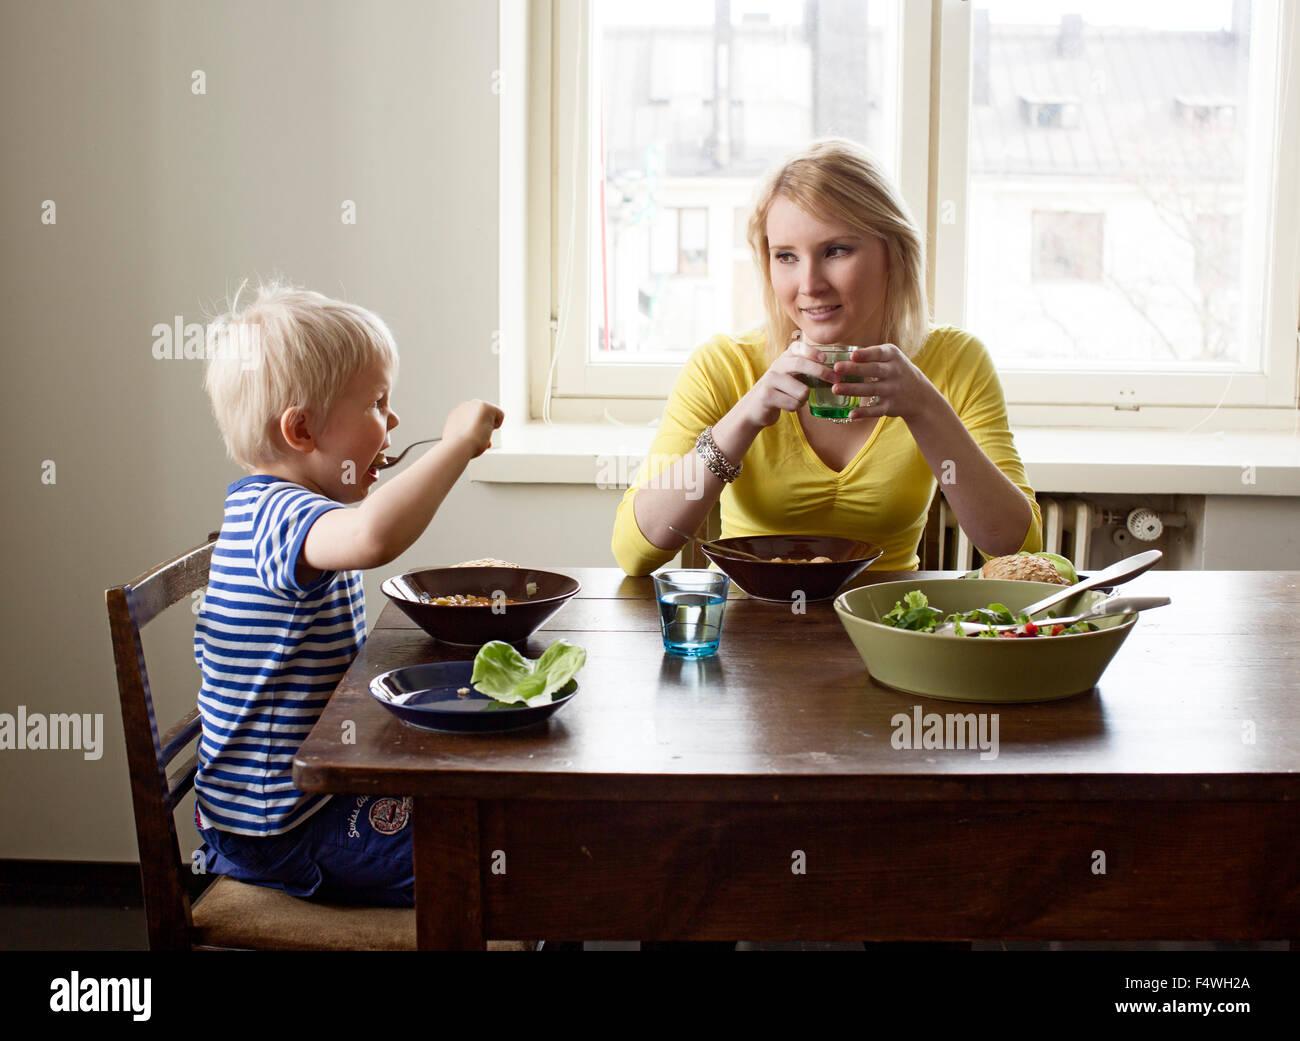 Finlandia, Helsinki, Kallio, madre e figlio di pranzo Immagini Stock